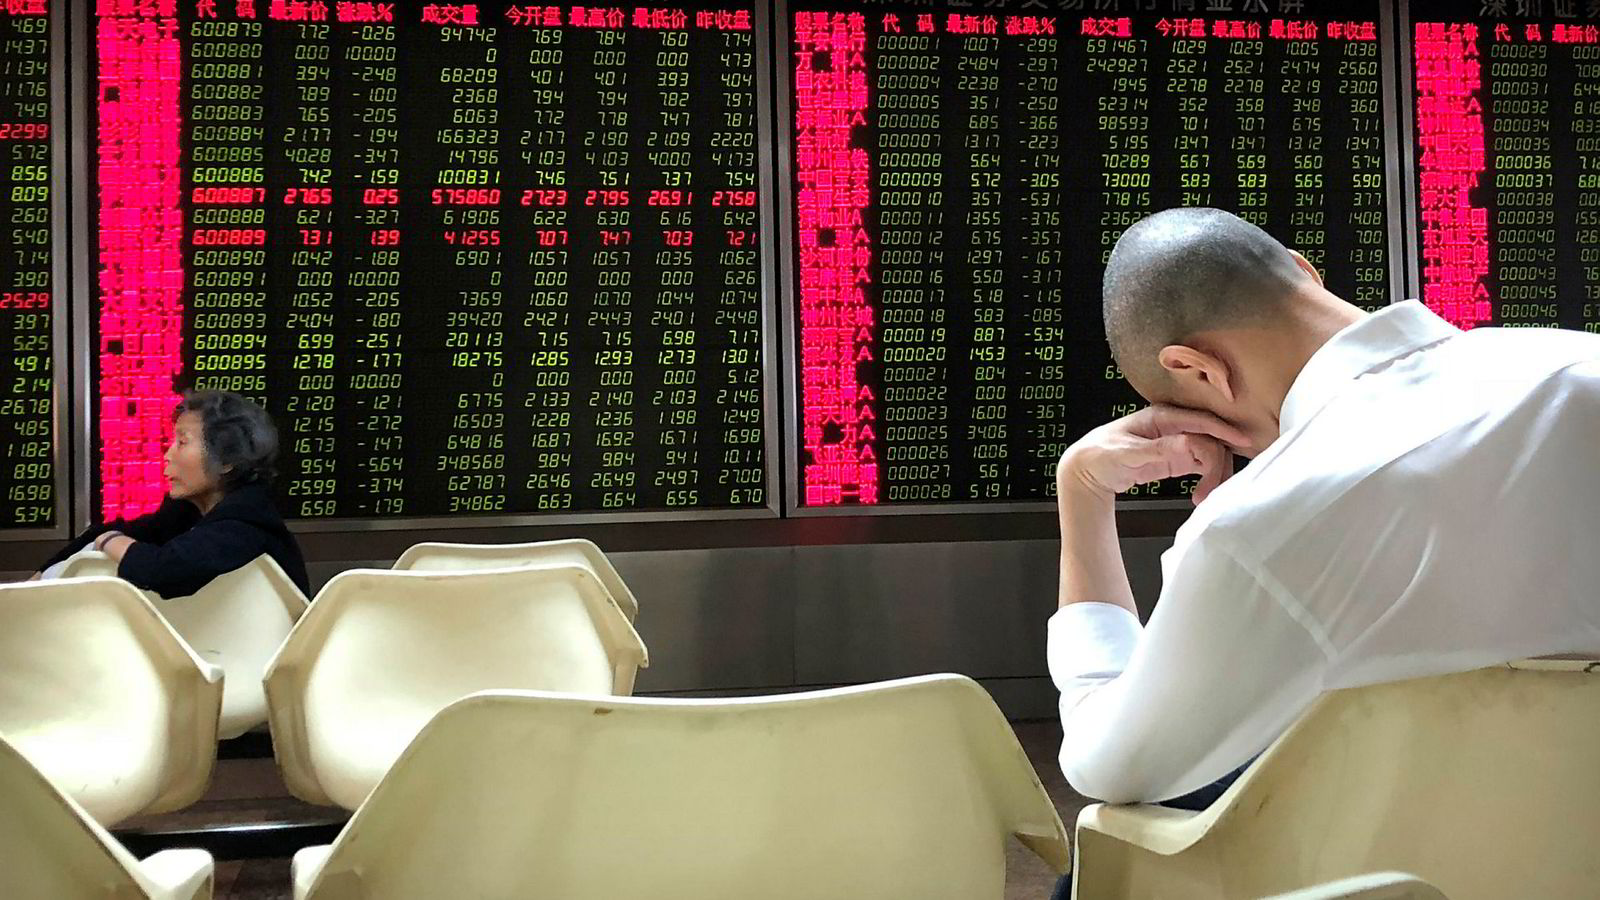 De asiatiske aksjemarkedene har falt i 2019. I 2019 skal det bli bedre, ifølge en undersøkelse foretatt mot internasjonale finansinstitusjoner .